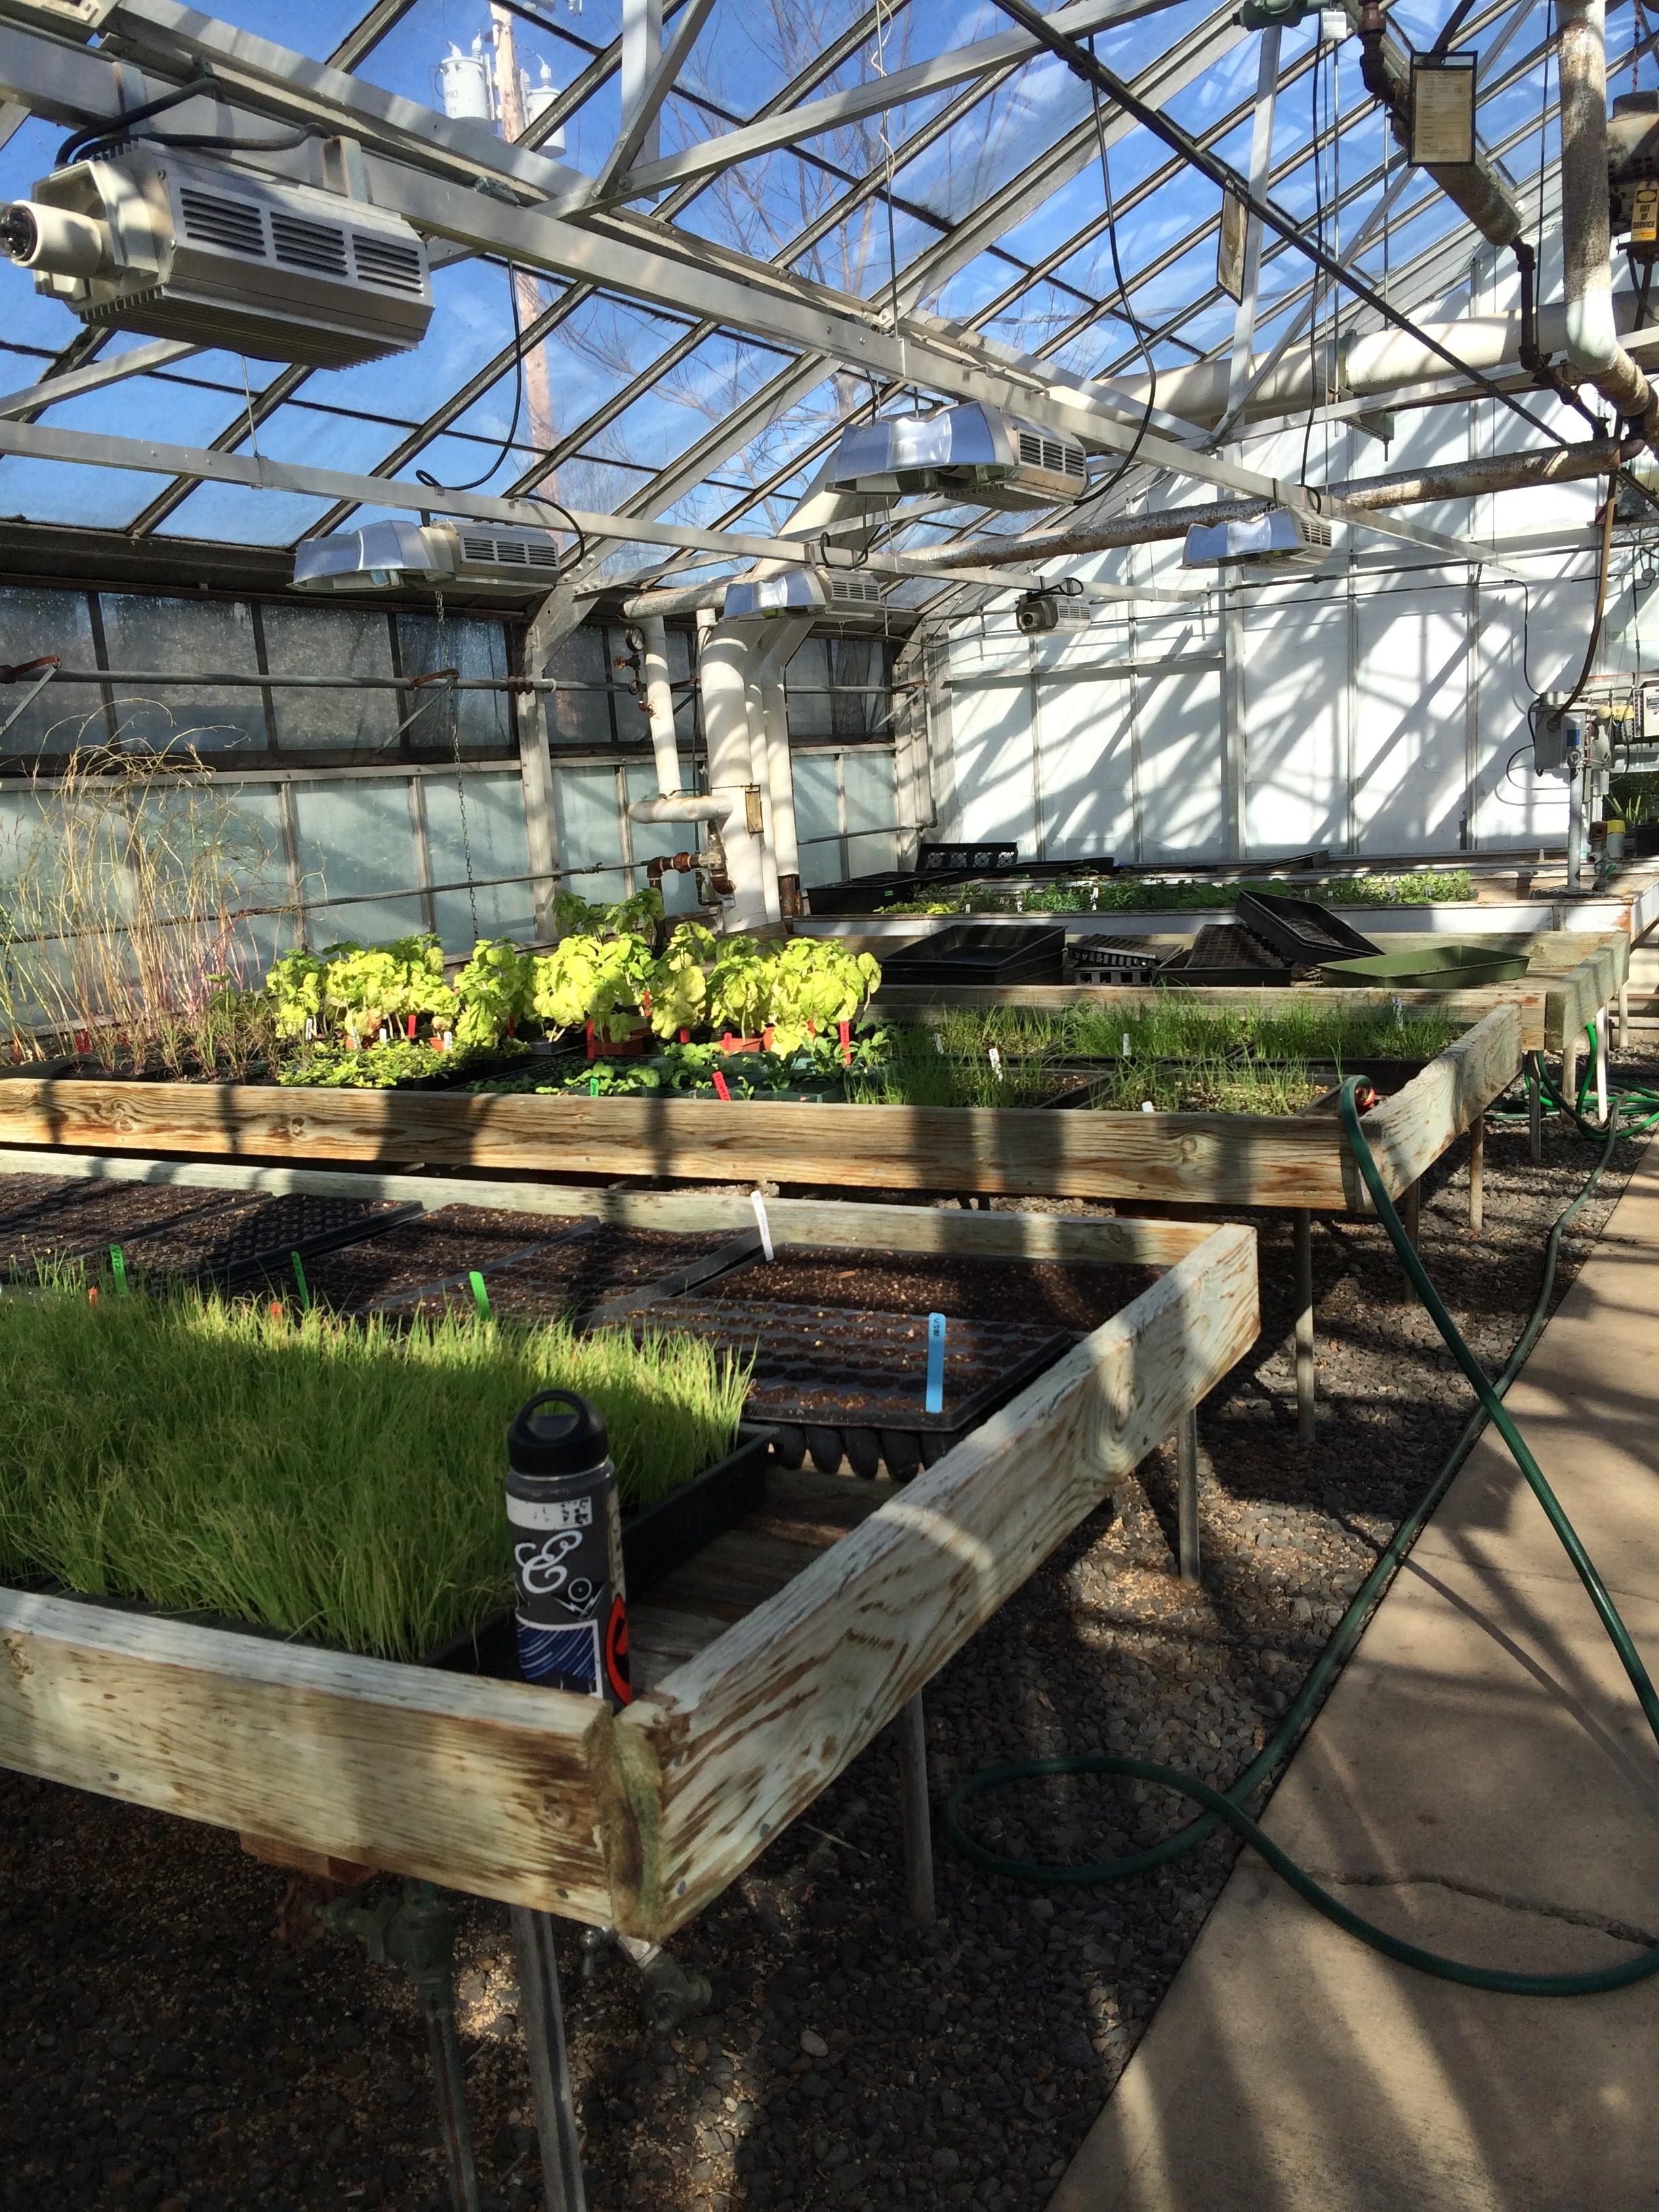 Community Food Security Fruit Trees Garden Updates